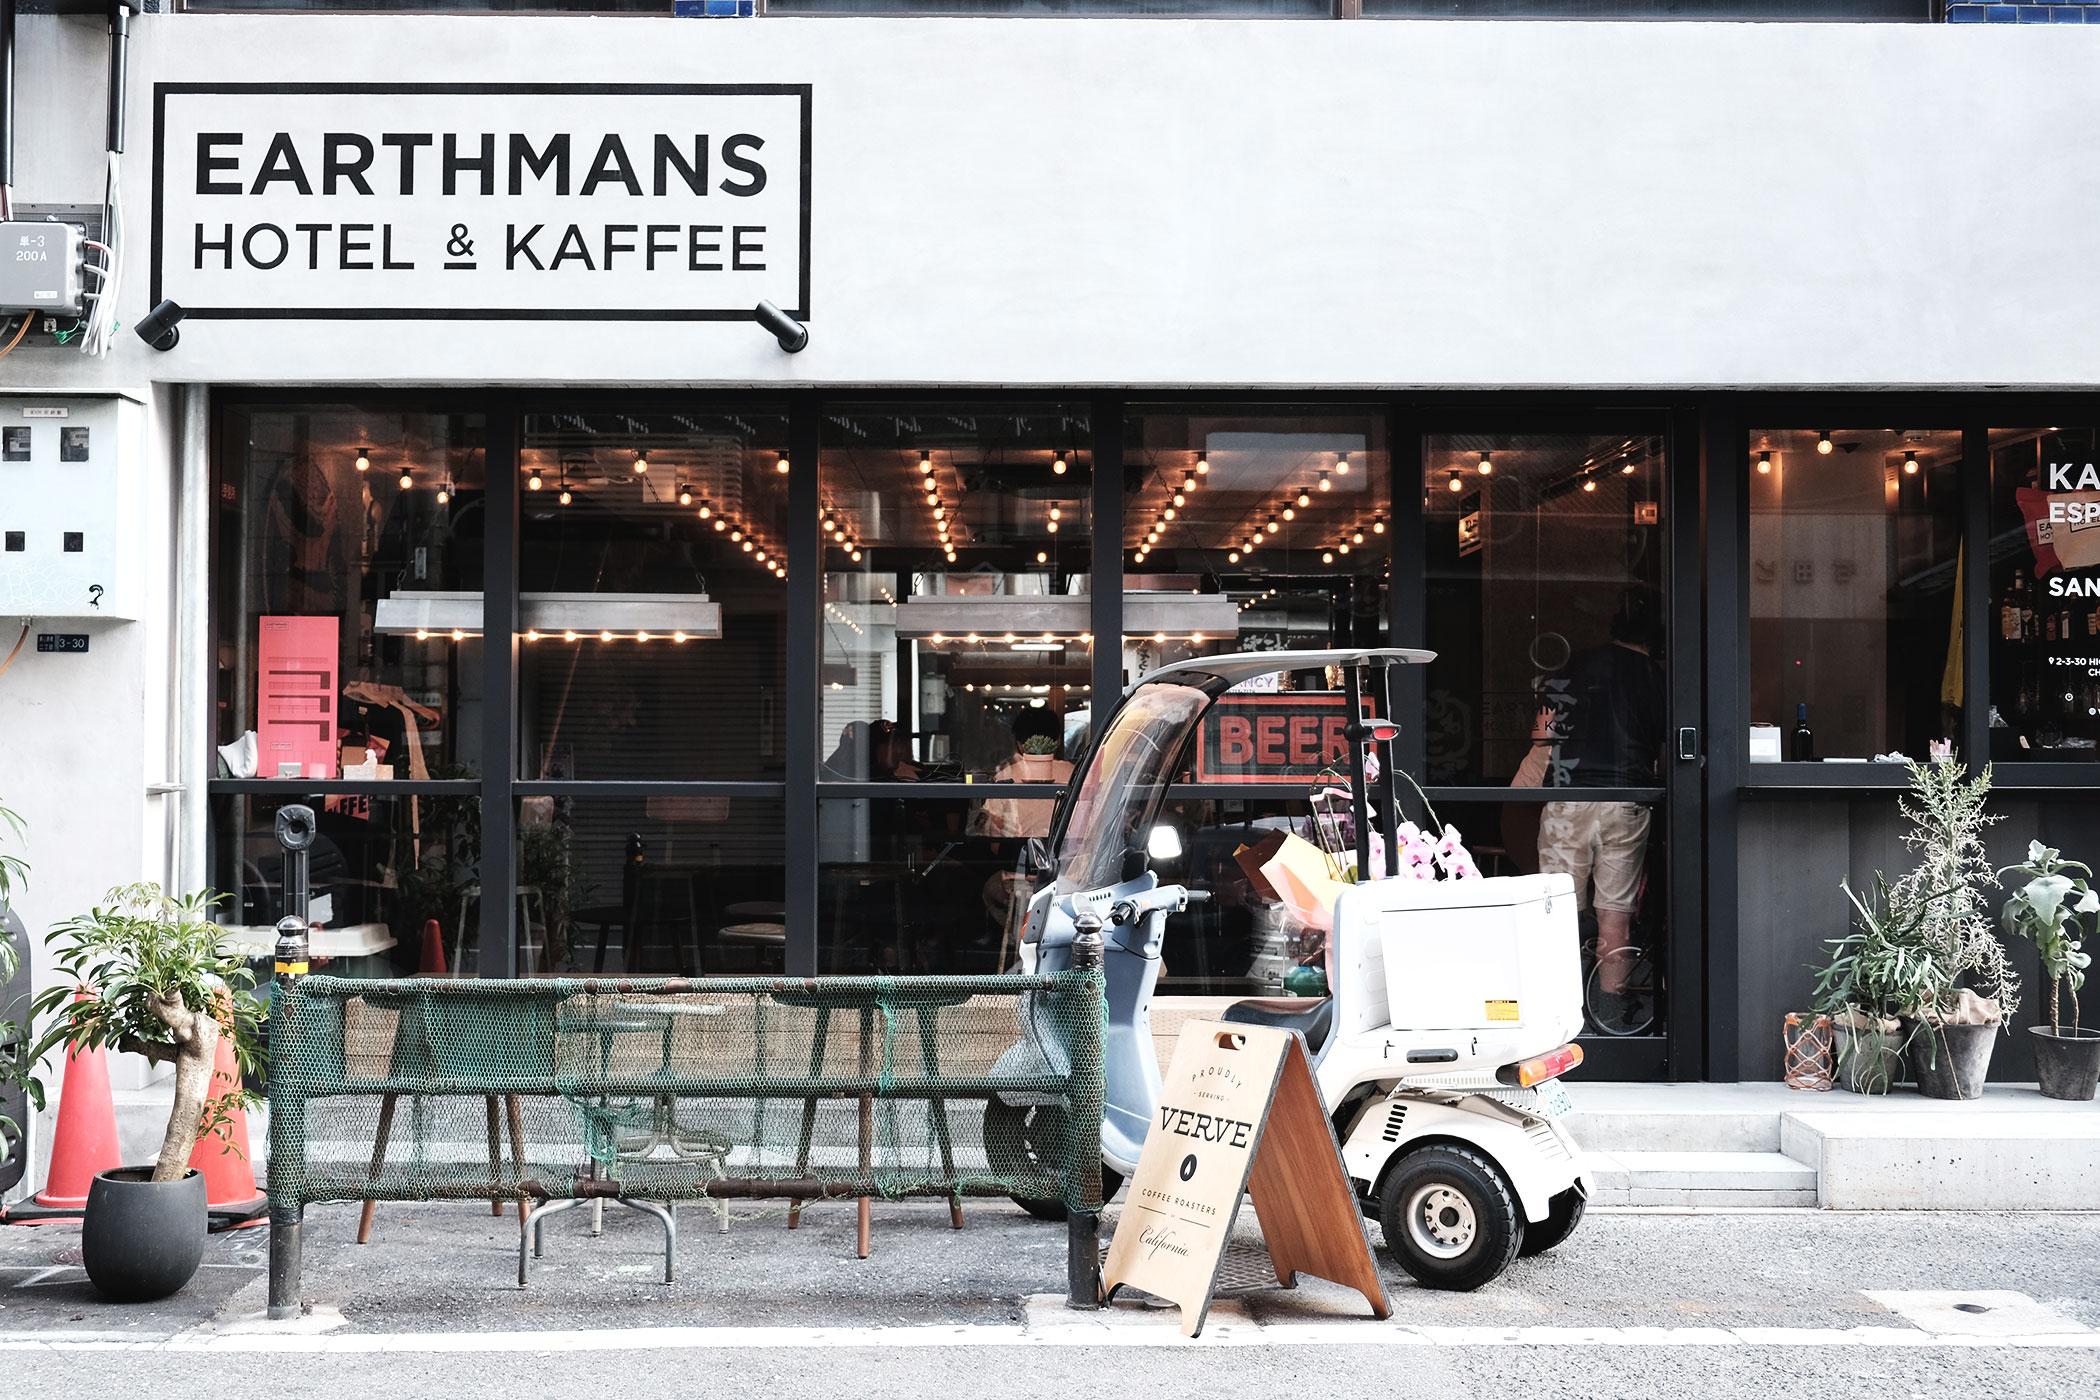 大阪にも続々登場!イケてるコーヒーショップが併設されたホテル3選 EARTHMANS HOTEL & KAFFEE